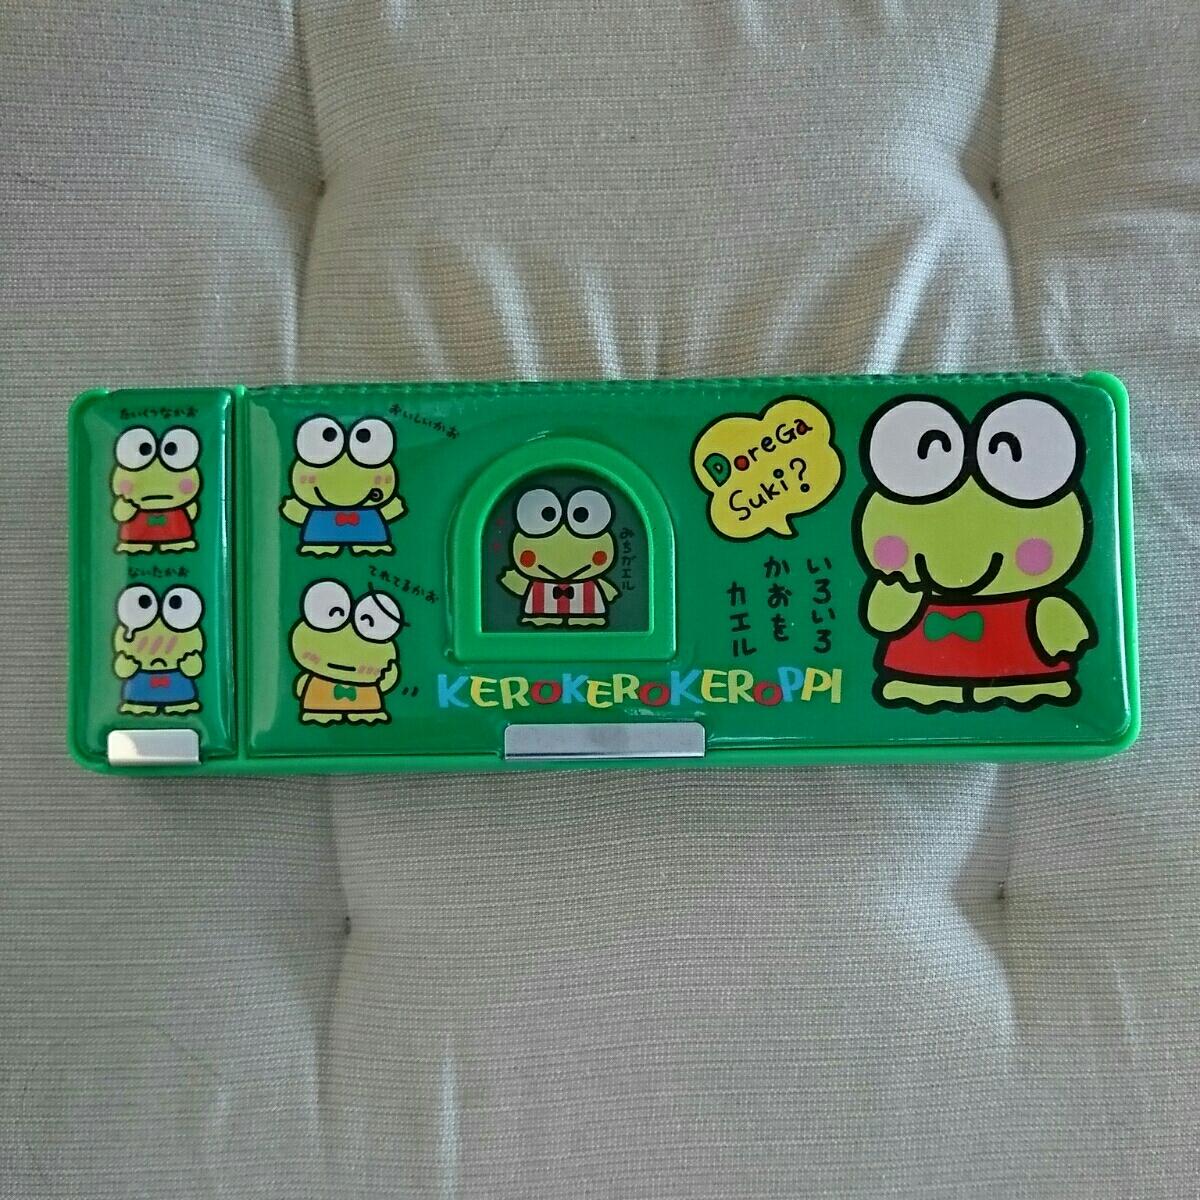 【昭和レトロ】 けろけろけろっぴ 両面筆箱/筆ばこ ペンケース 未使用 サンリオ 1991 グッズの画像